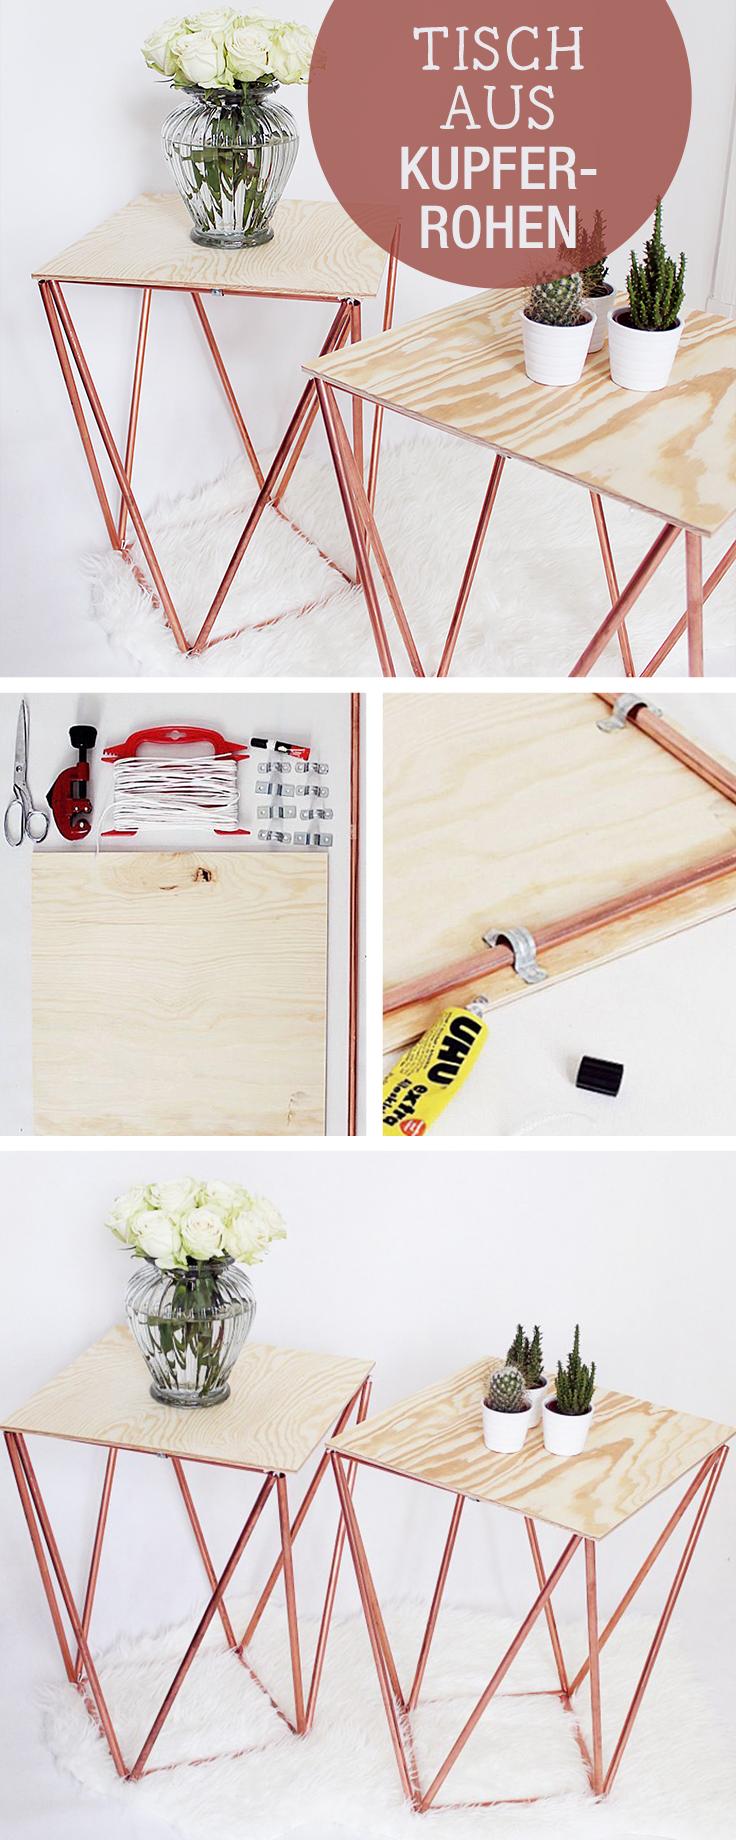 Diy Anleitung Beistelltisch Aus Kupferrohren Und Holz Selber Bauen